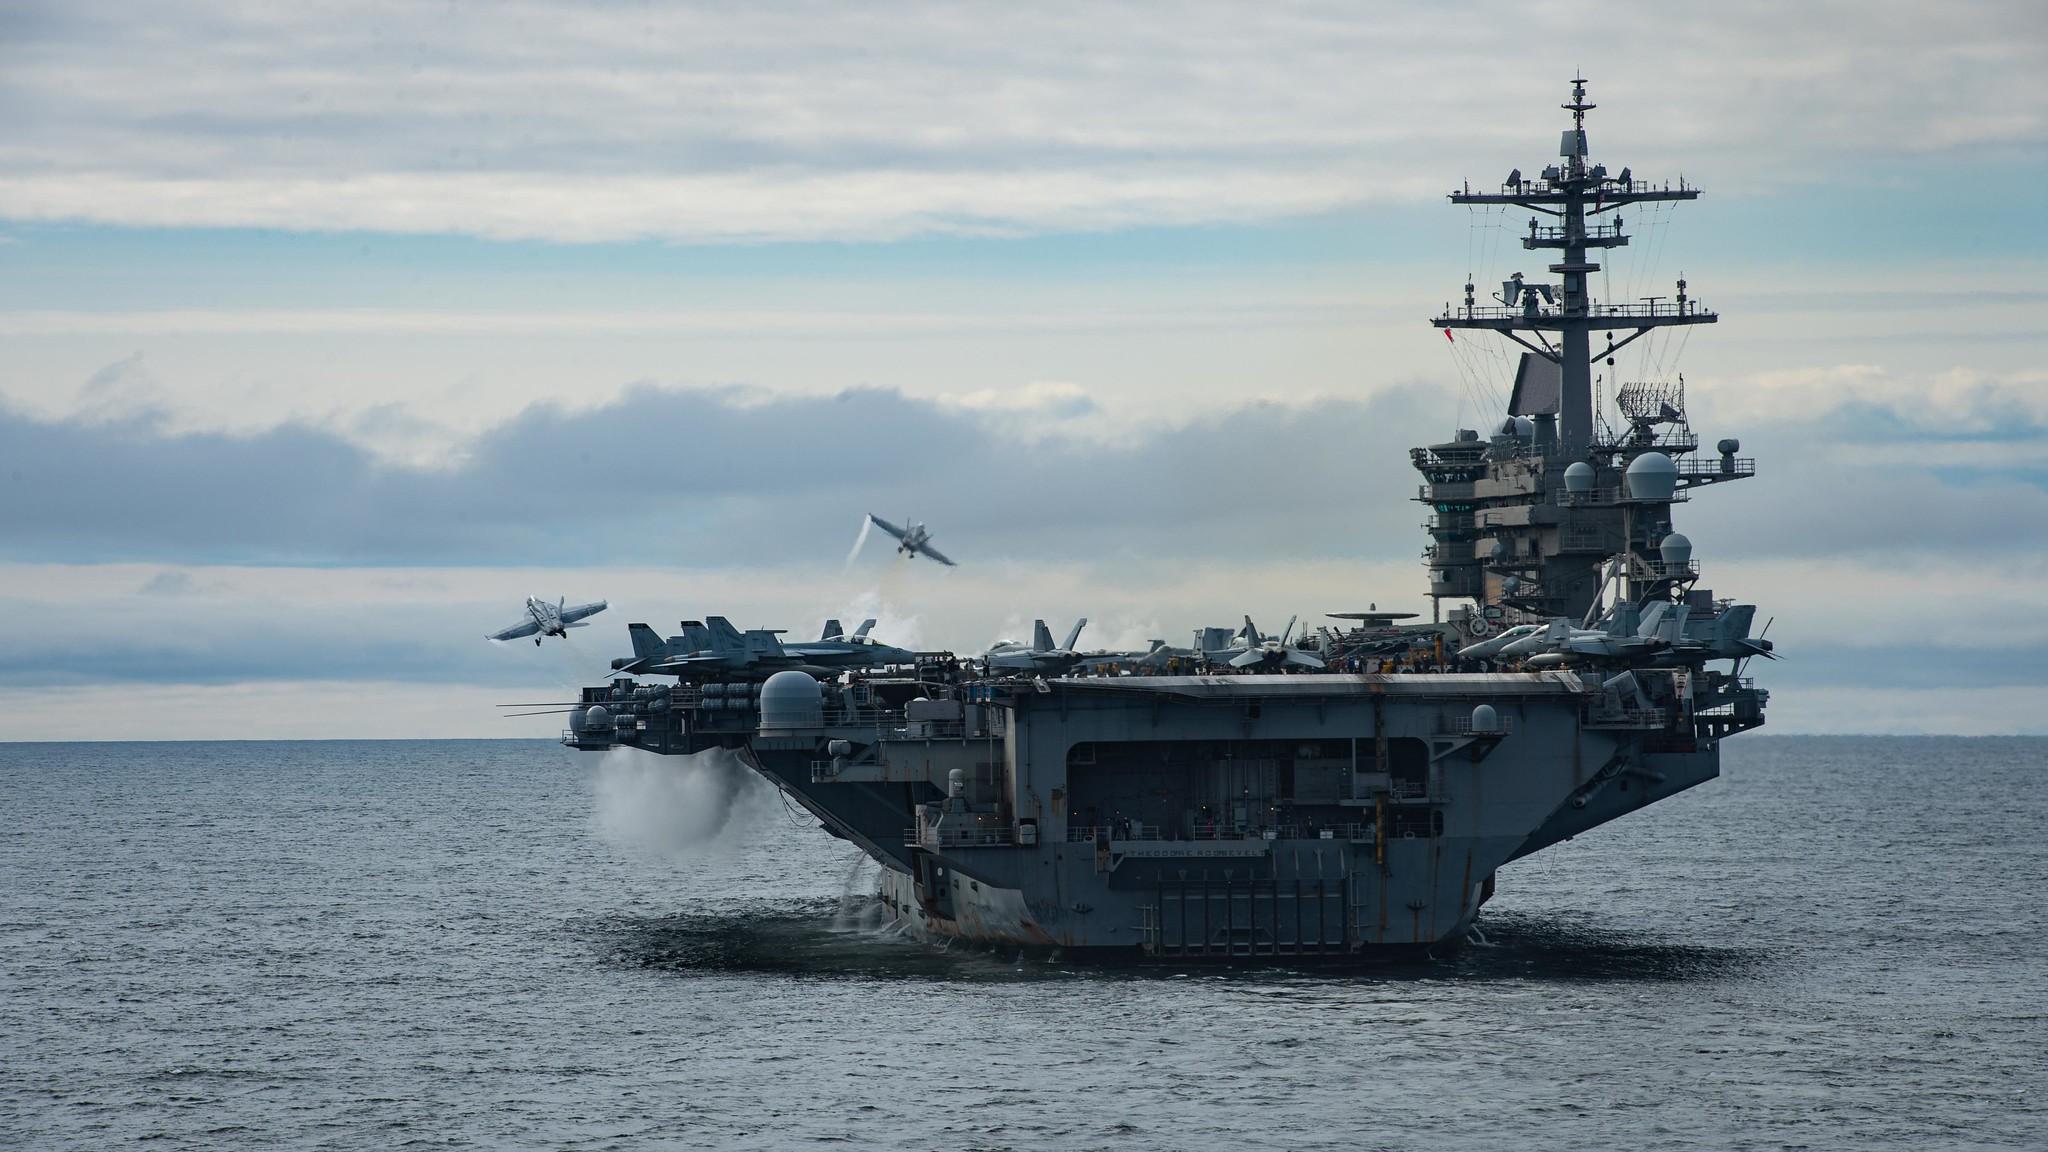 4月29日,羅斯福號航空母艦(CVN 71)在東太平洋的美國第三艦隊區域內進行艦載機訓練。(美國海軍)